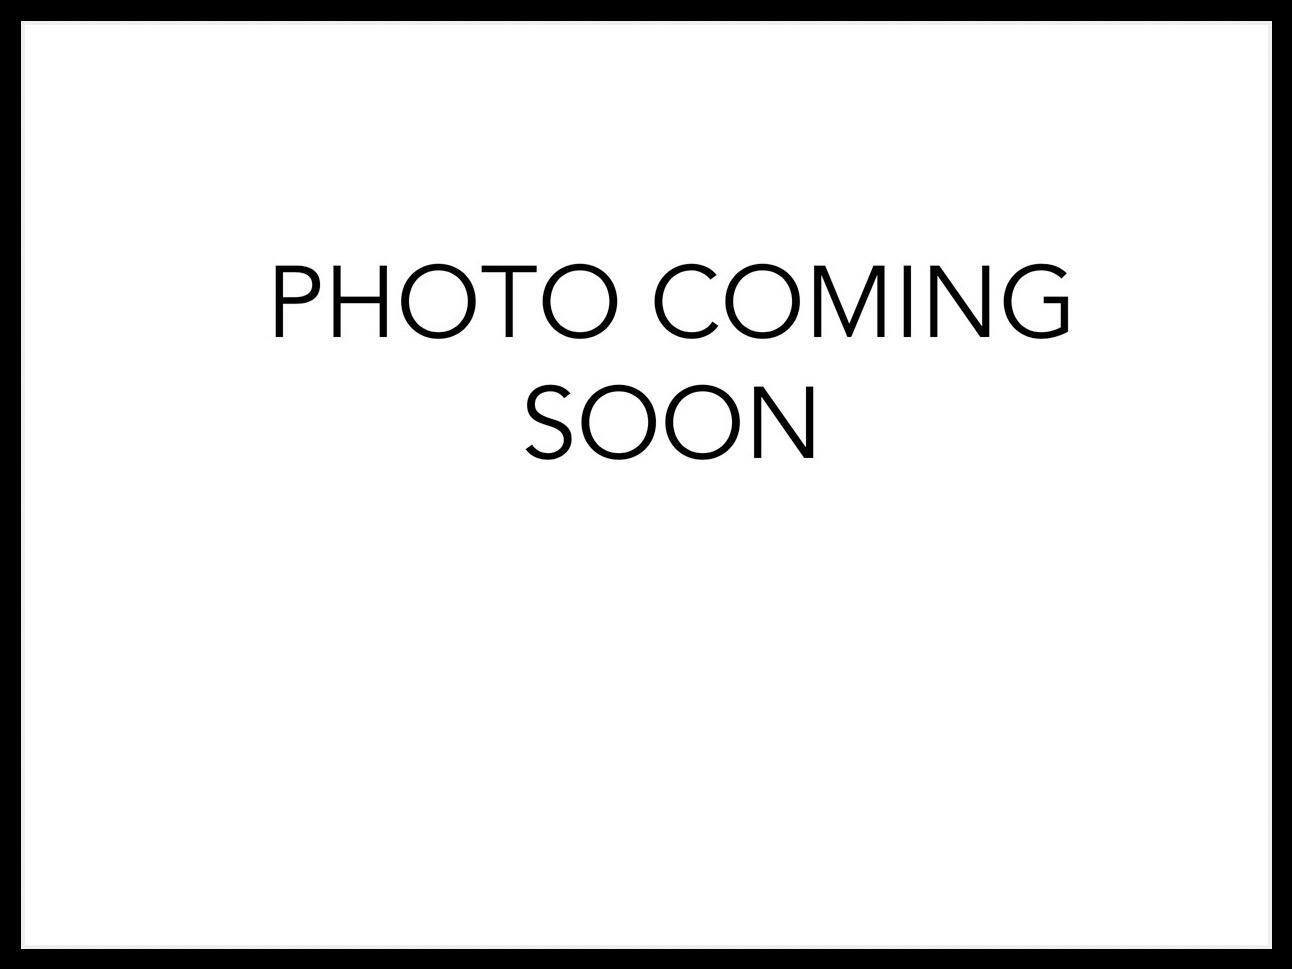 DEA40321-B3D8-4DF5-B6FF-83923B19C573.JPEG